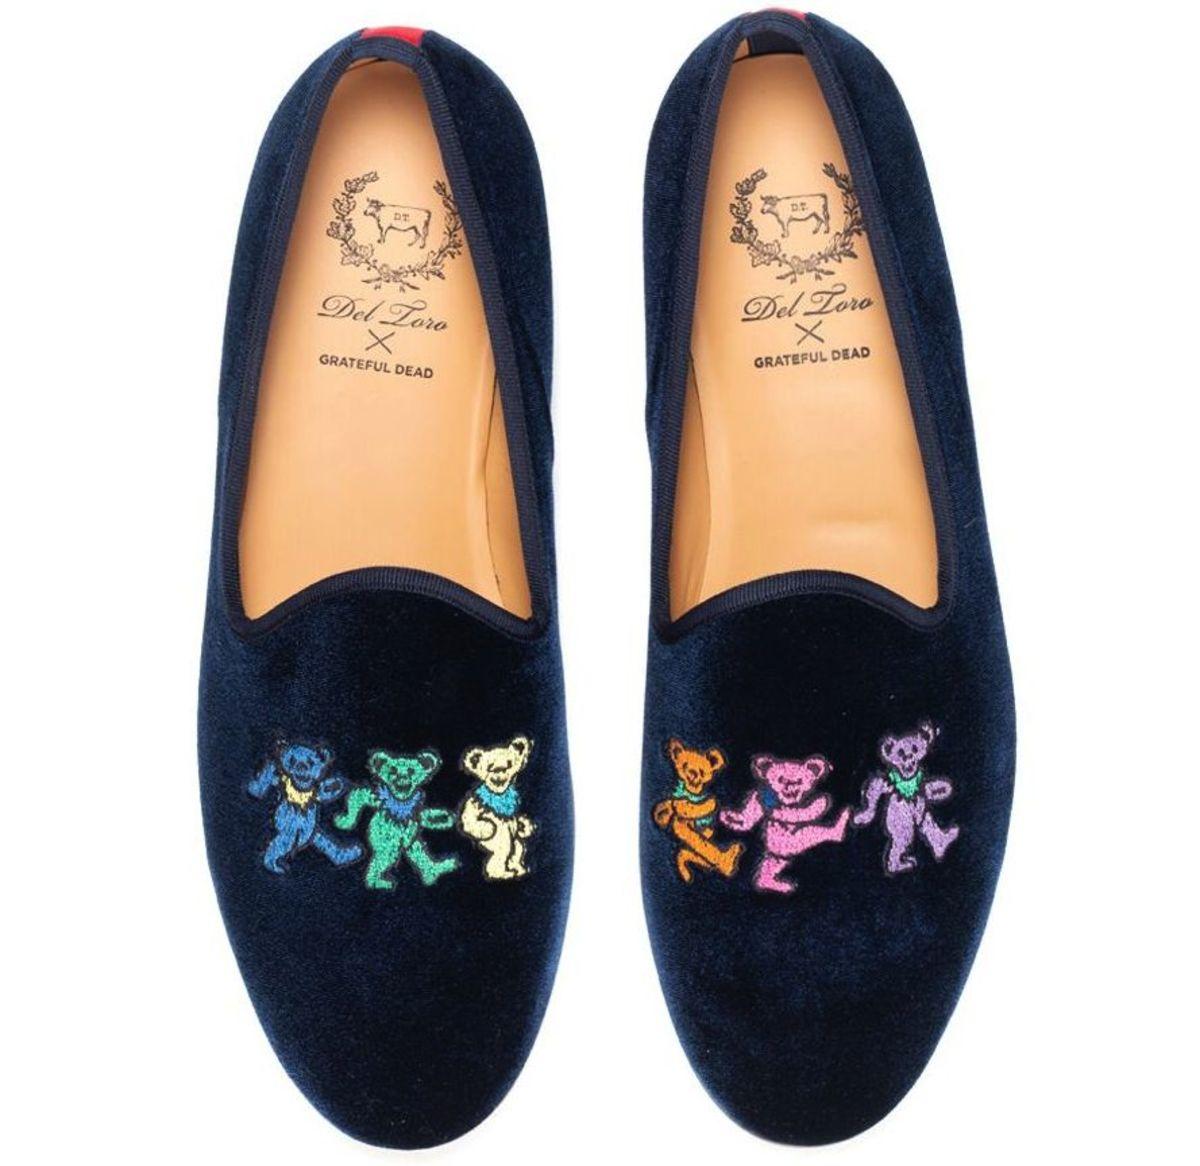 Del Toro x Grateful Dead slippers. Photo: Del Toro